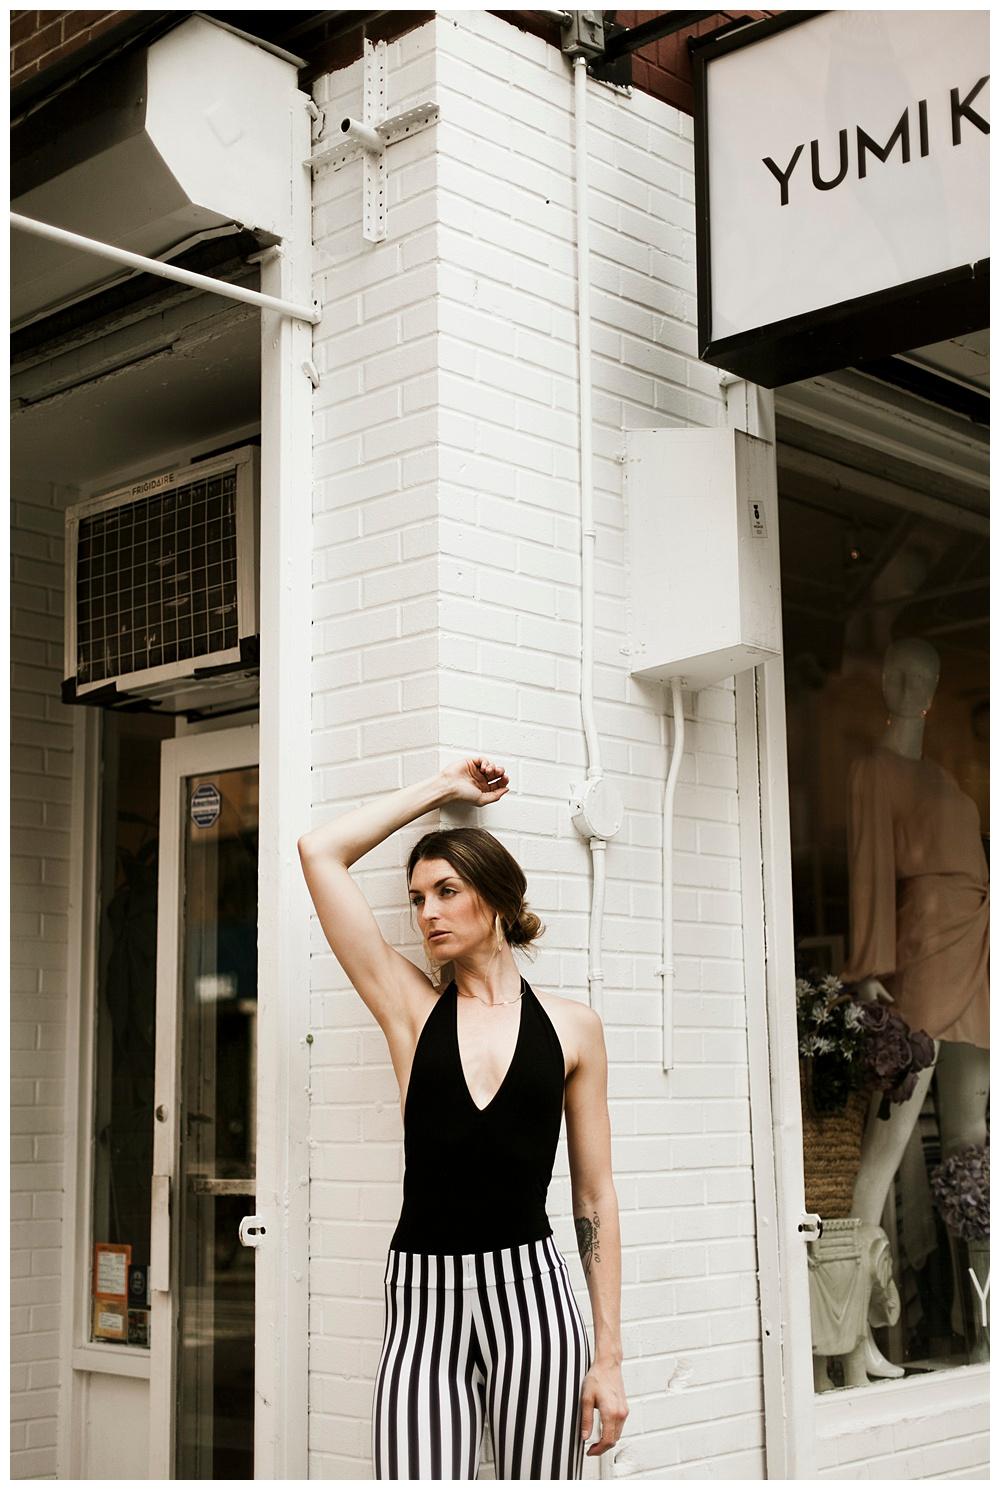 NewYorkBrandingPhotographer-ElizabethZuluaga-Emily Rehm_003.jpg